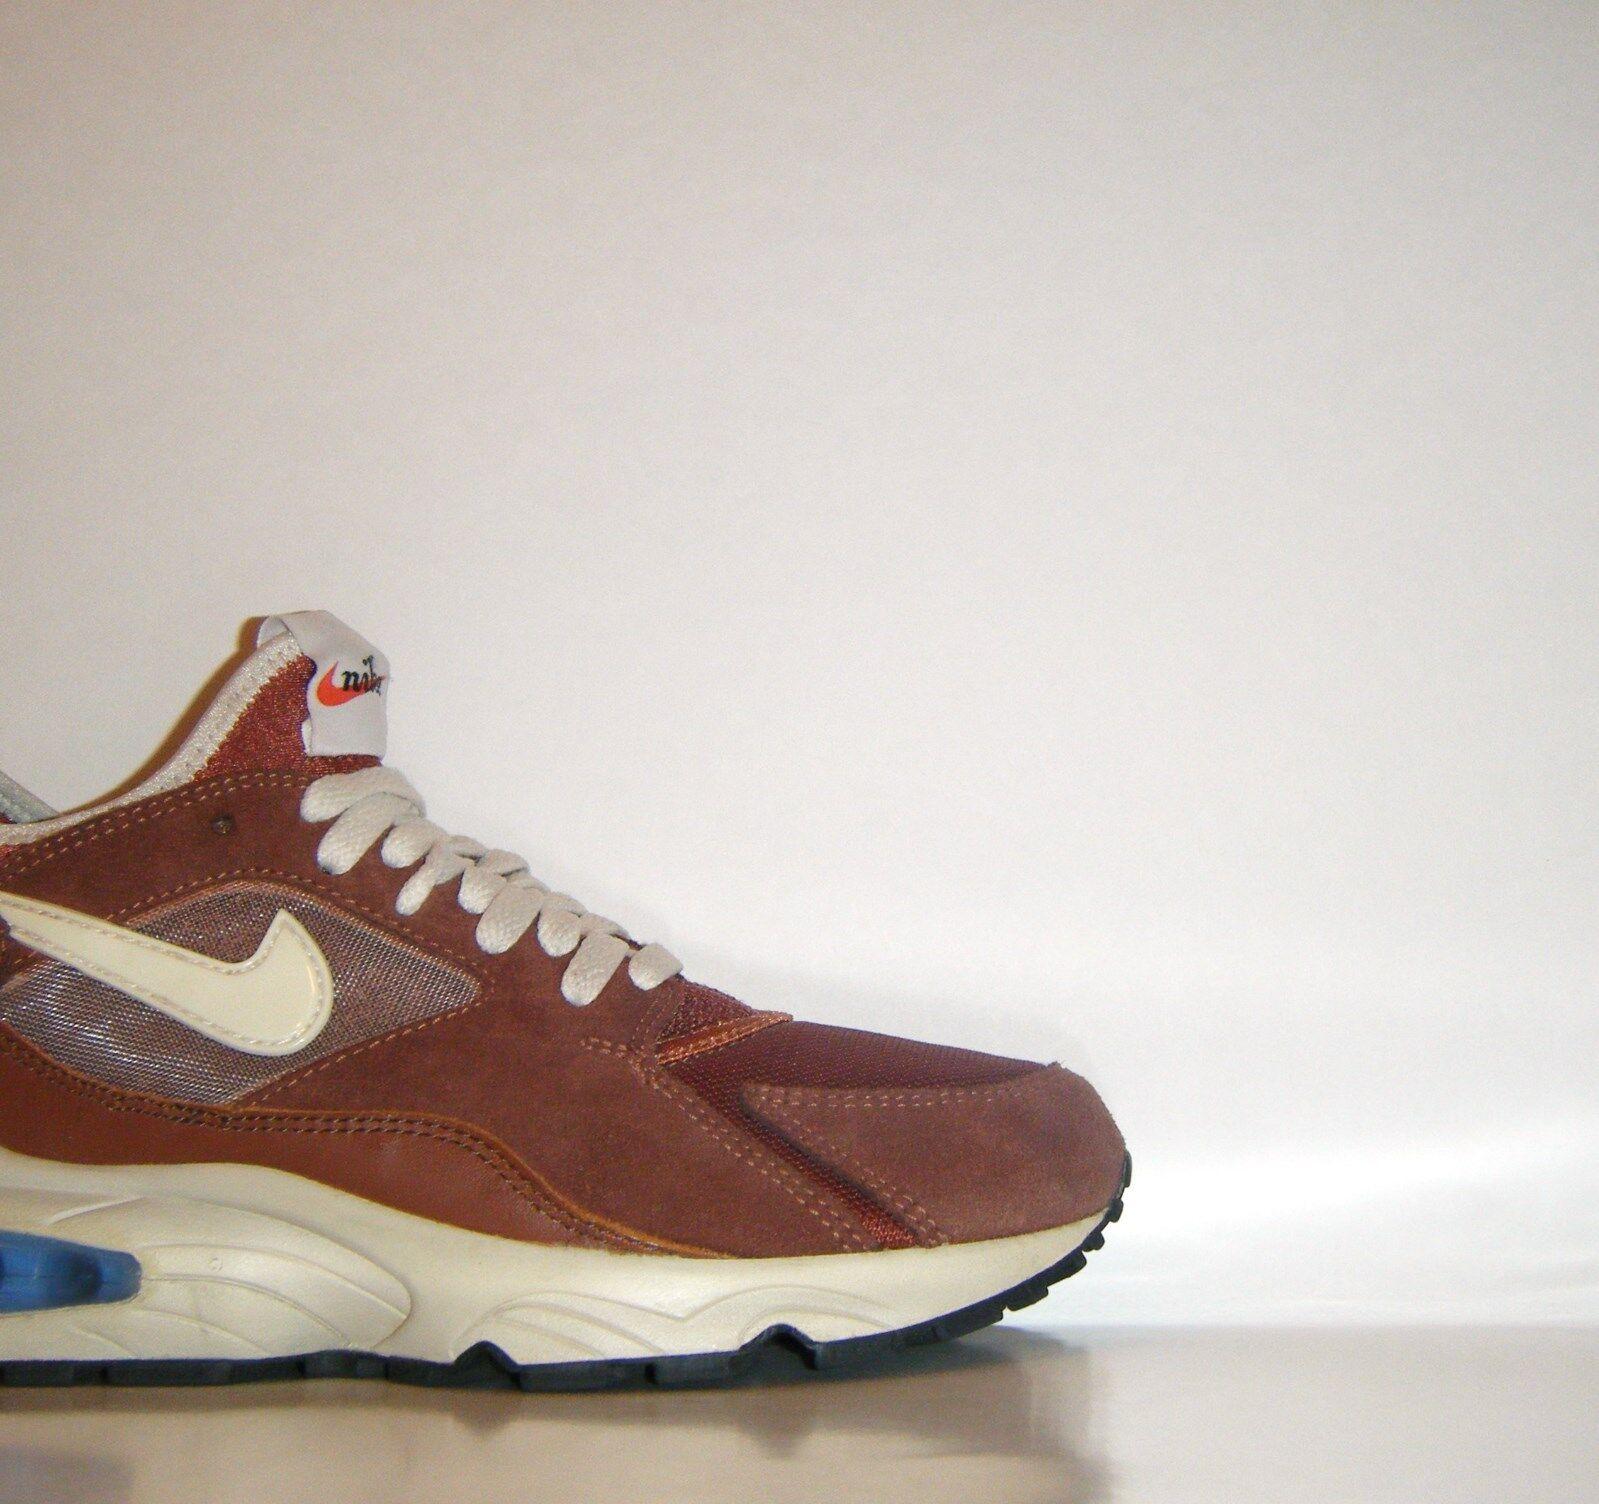 2005 Nike Air Max 93 Powerwall BRS TZ QS Sz 5.5 HOA Huarache Run LE 314205-221 1